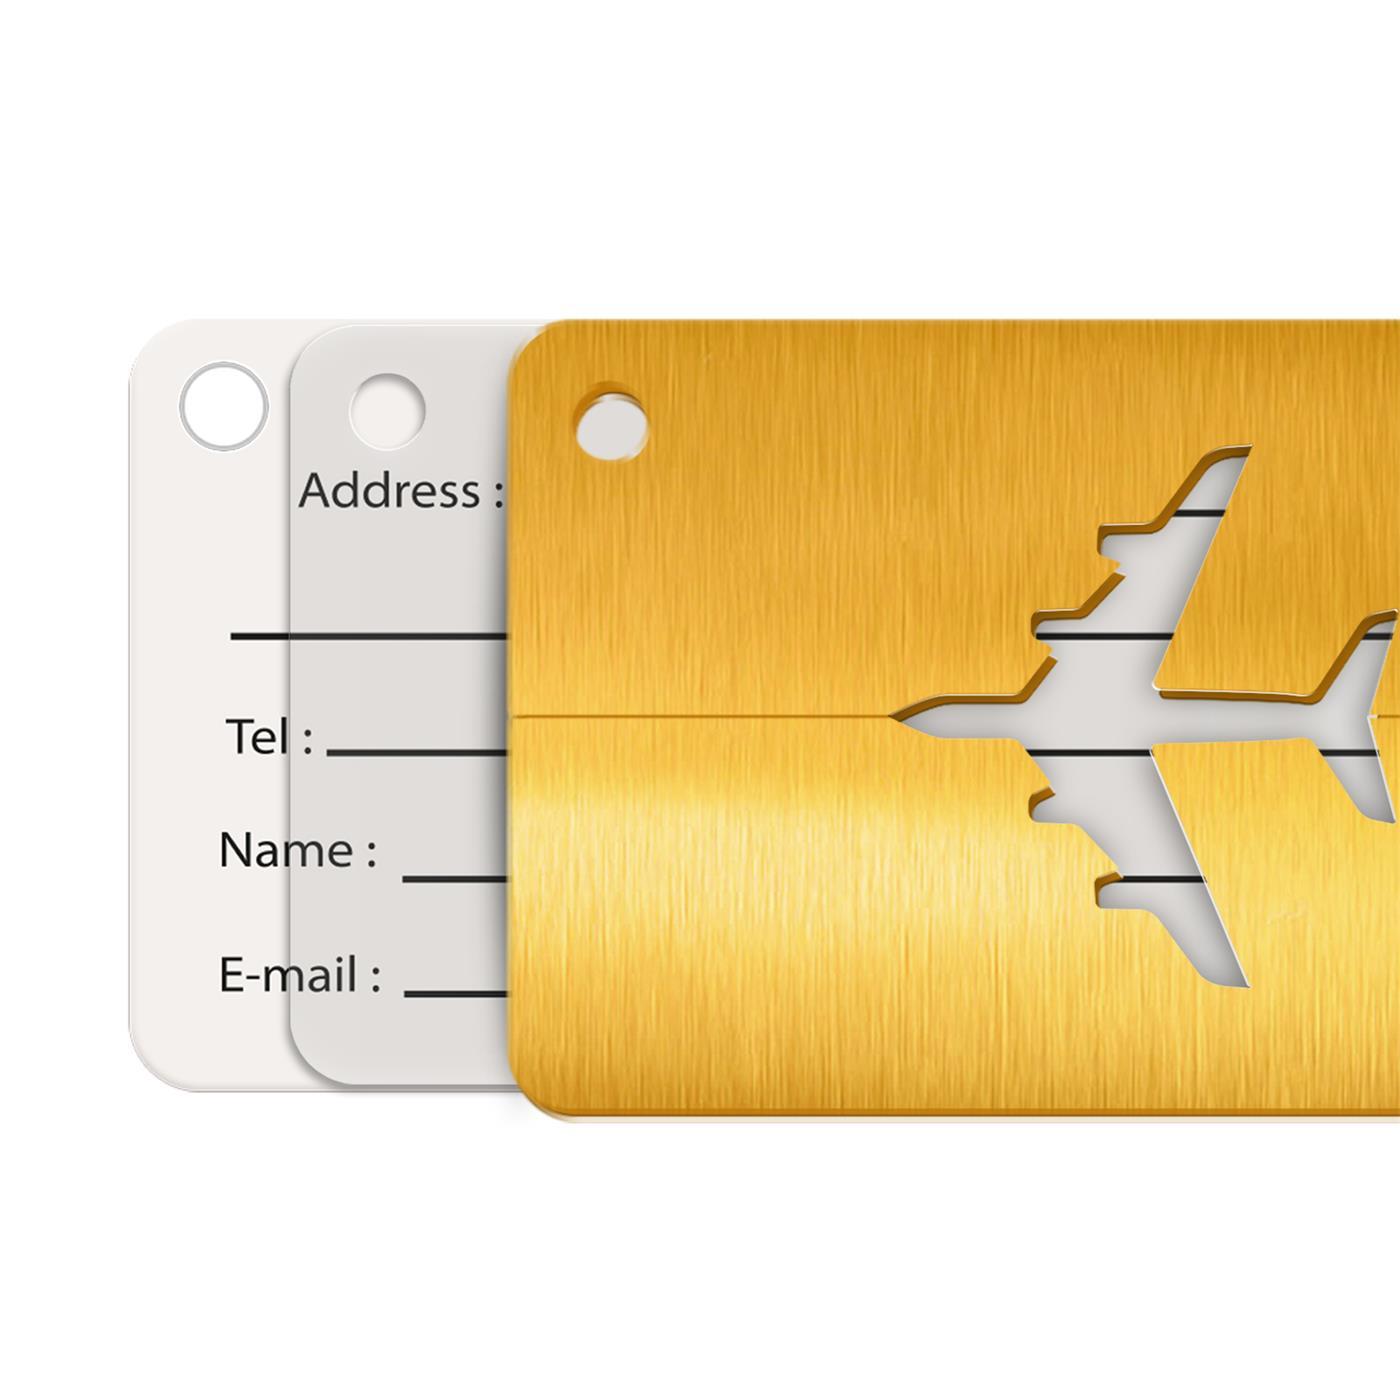 Reise-Kofferanhaenger-Namensschild-Gepaeck-Anhaenger-Schild-Urlaub-Flugzeug-Trolley Indexbild 14